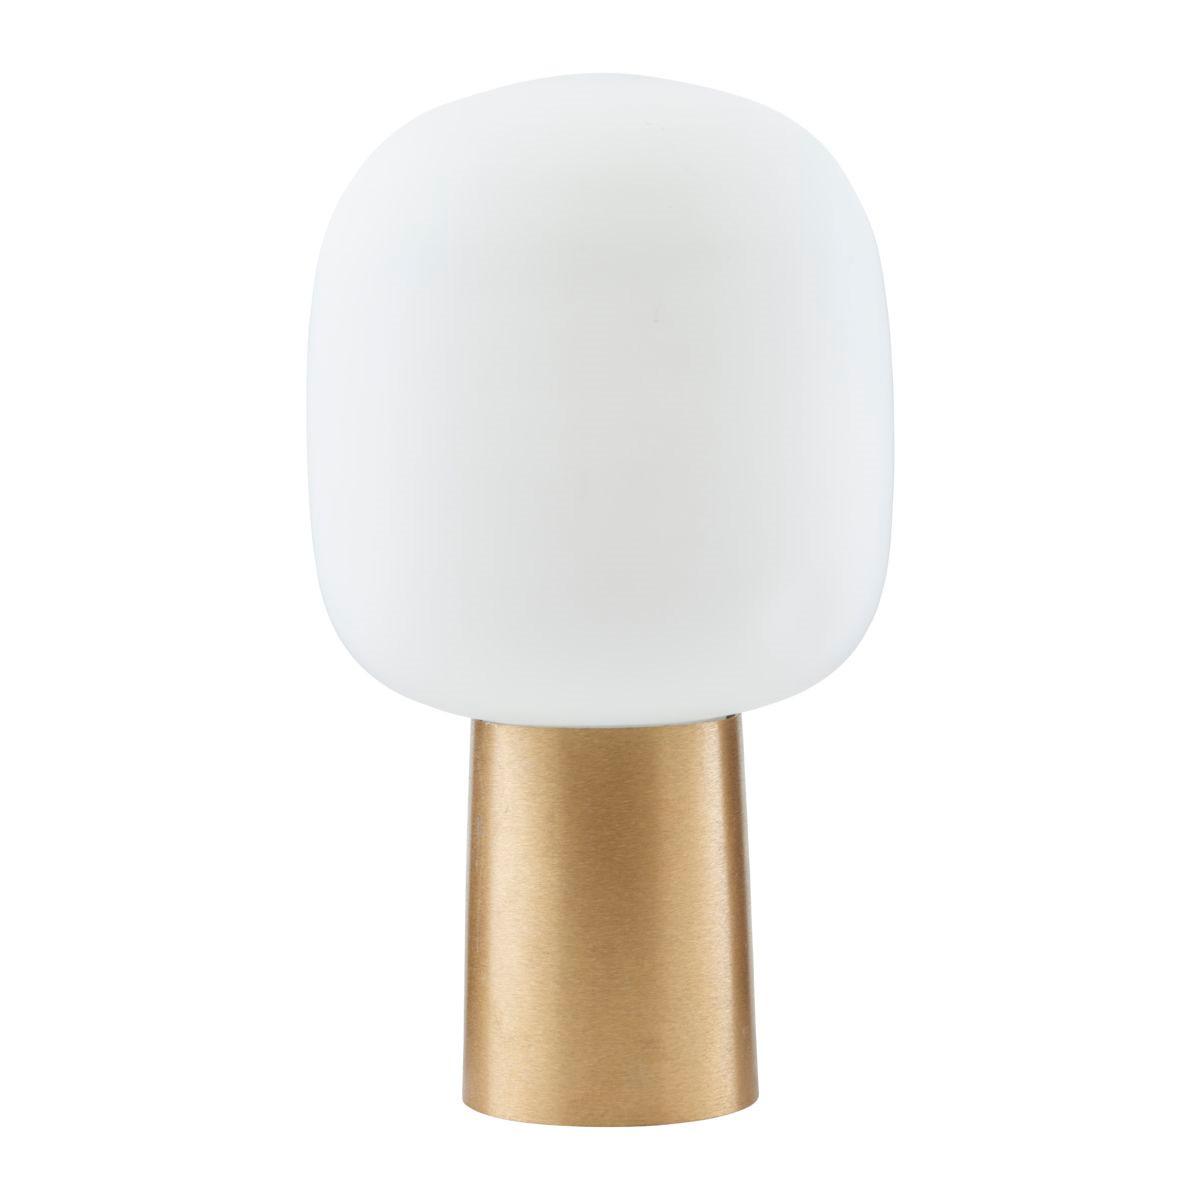 House Doctor Note bordlampe i messing m/ hvid skærm